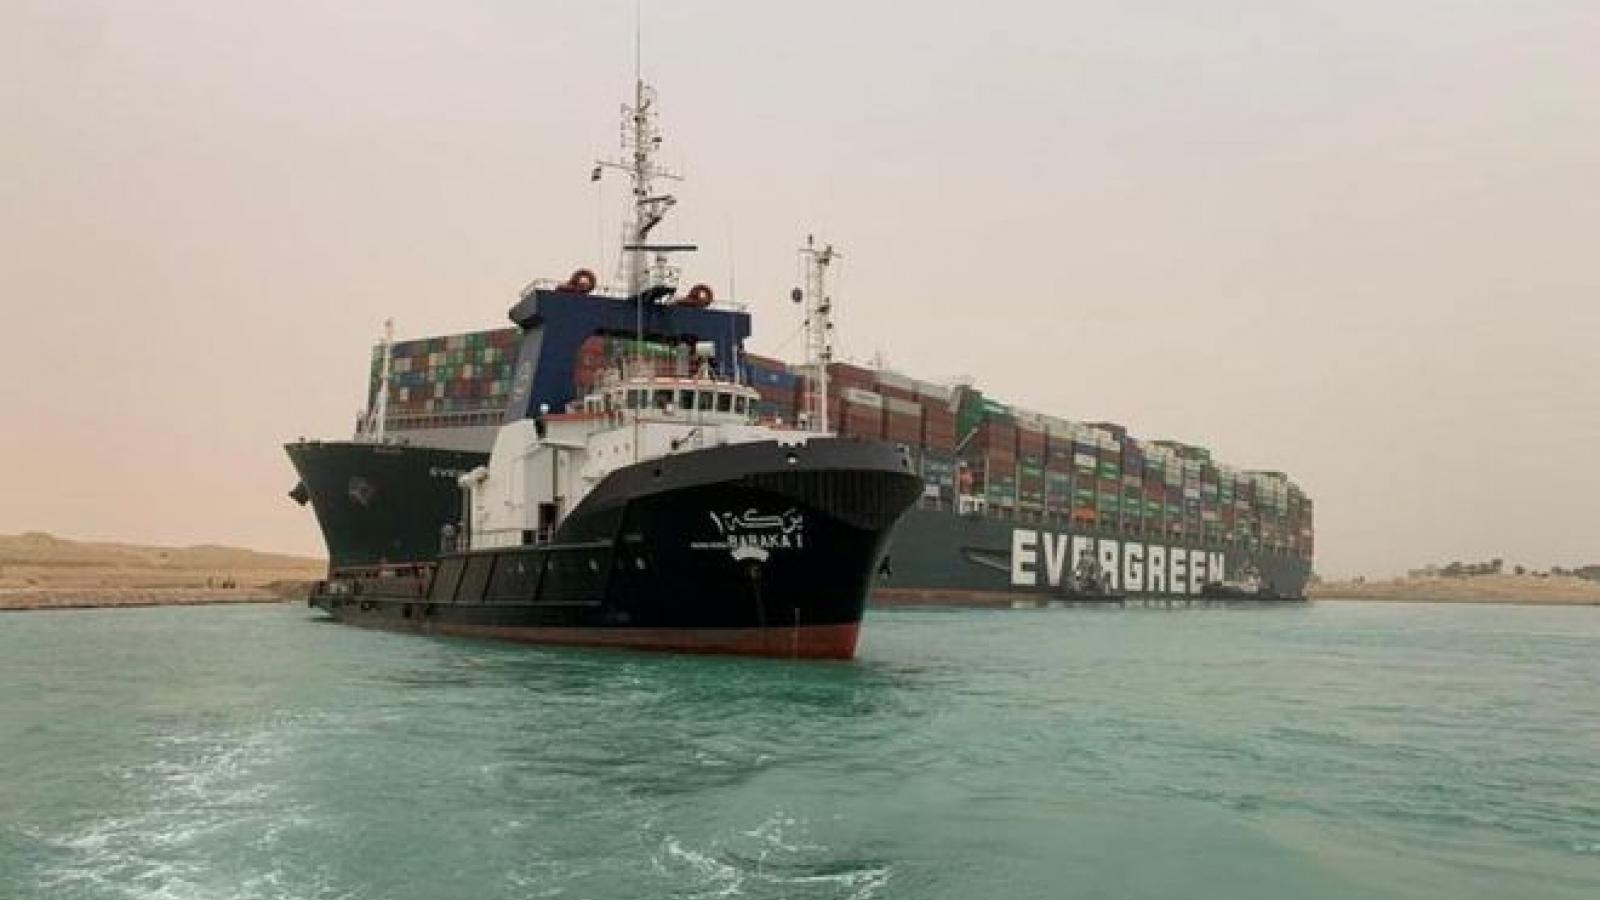 Kênh đào Suez tắc nghẽn có thể gây thiệt hại từ 6 - 10 tỷ USD một tuần